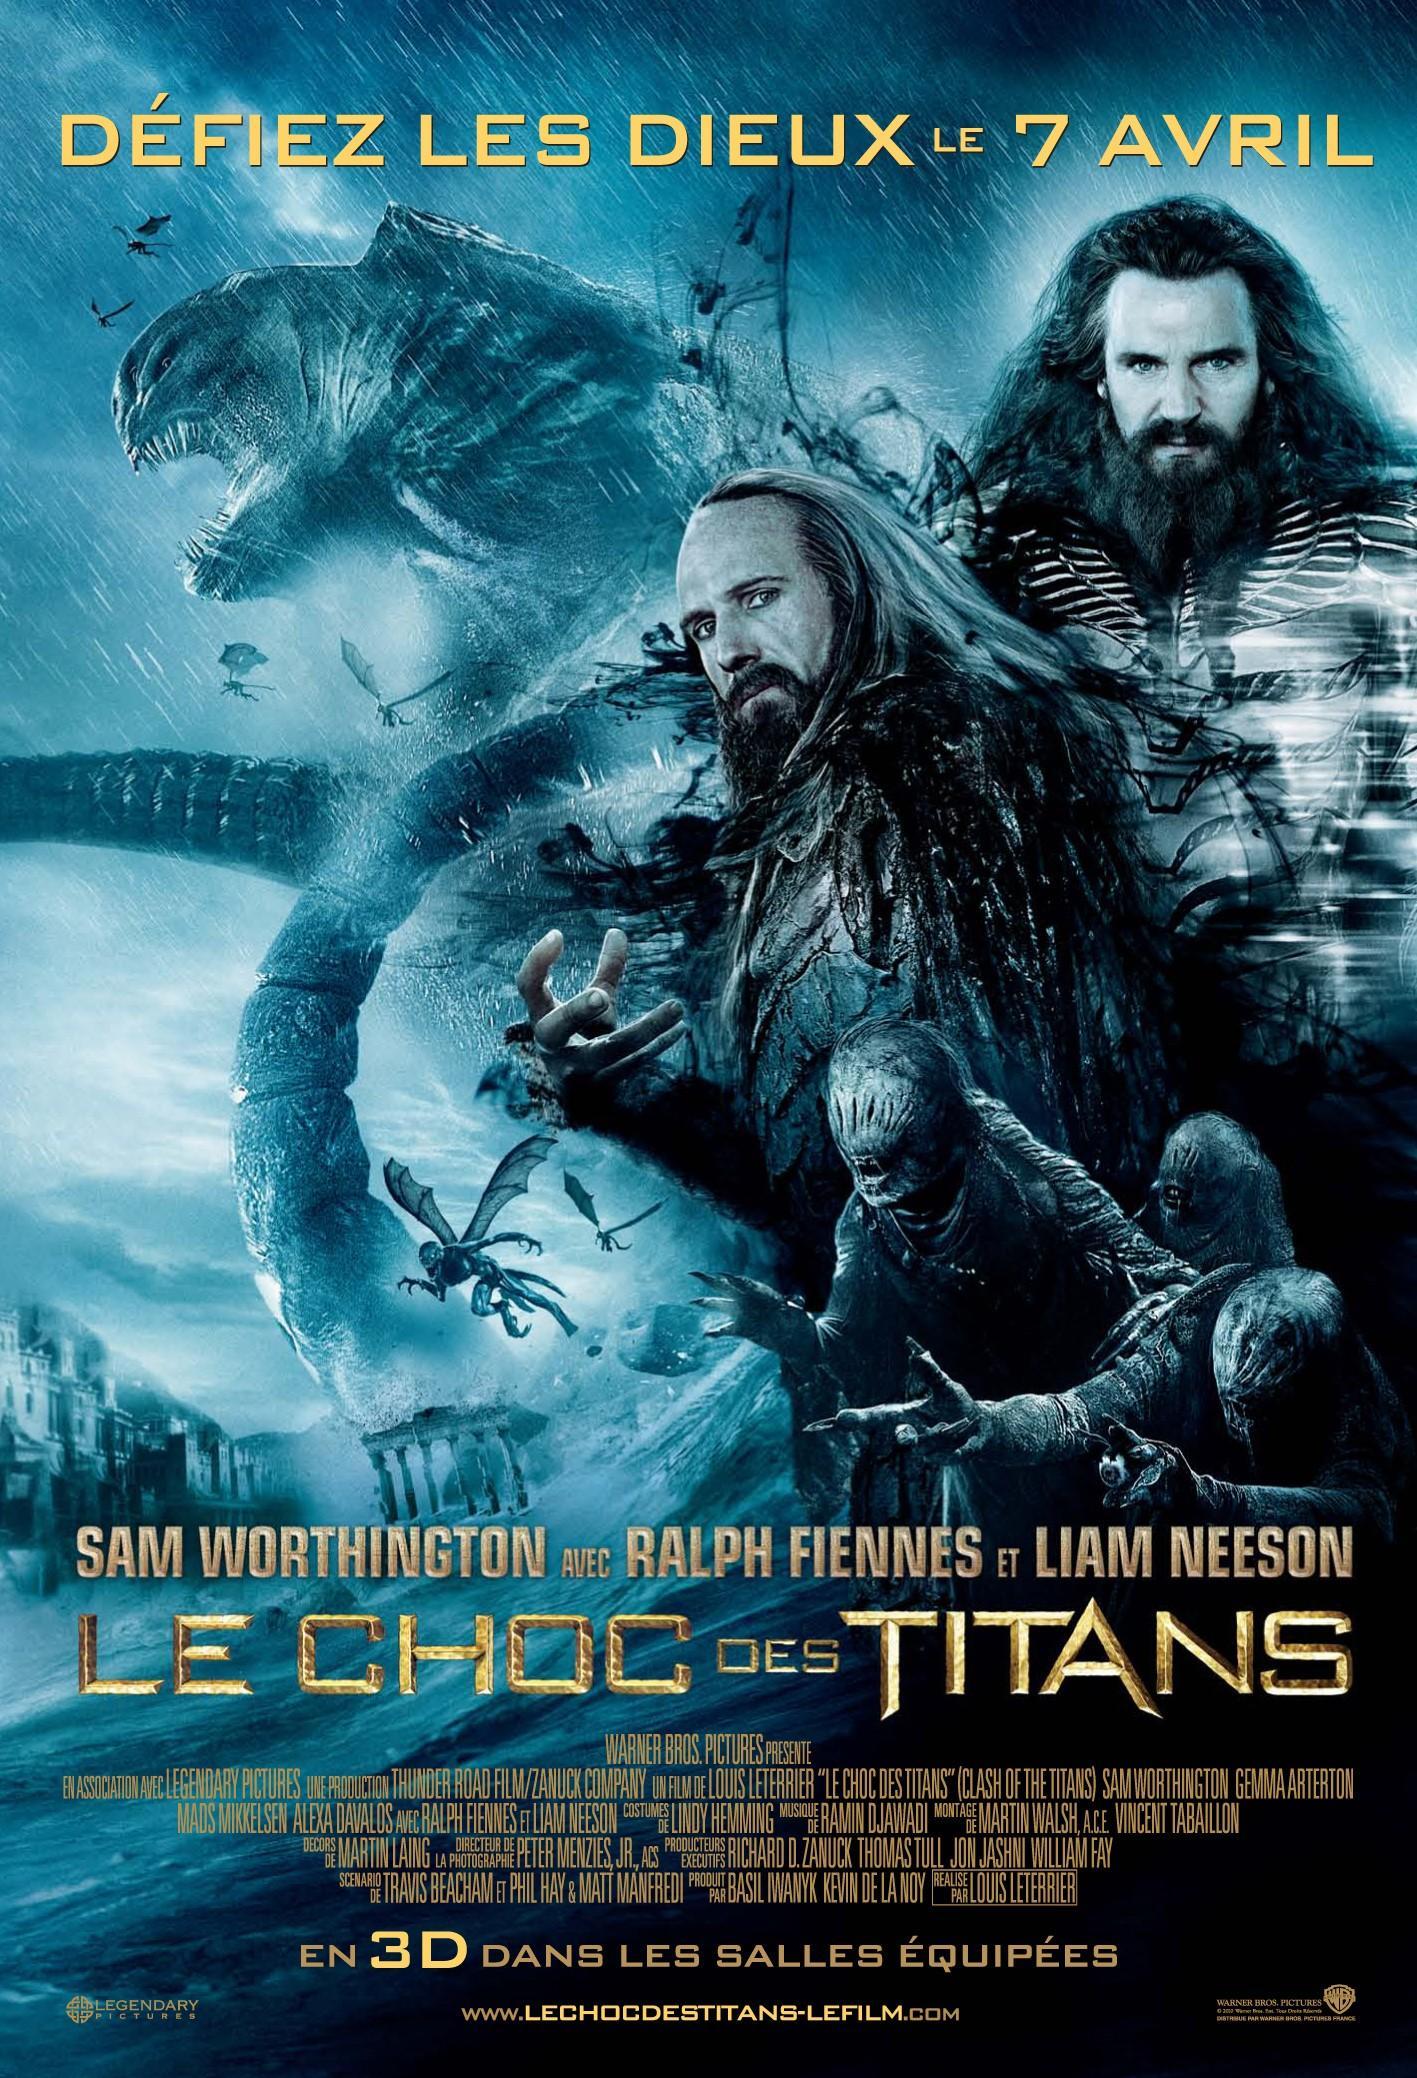 битва титанов постеры силовых разгонов